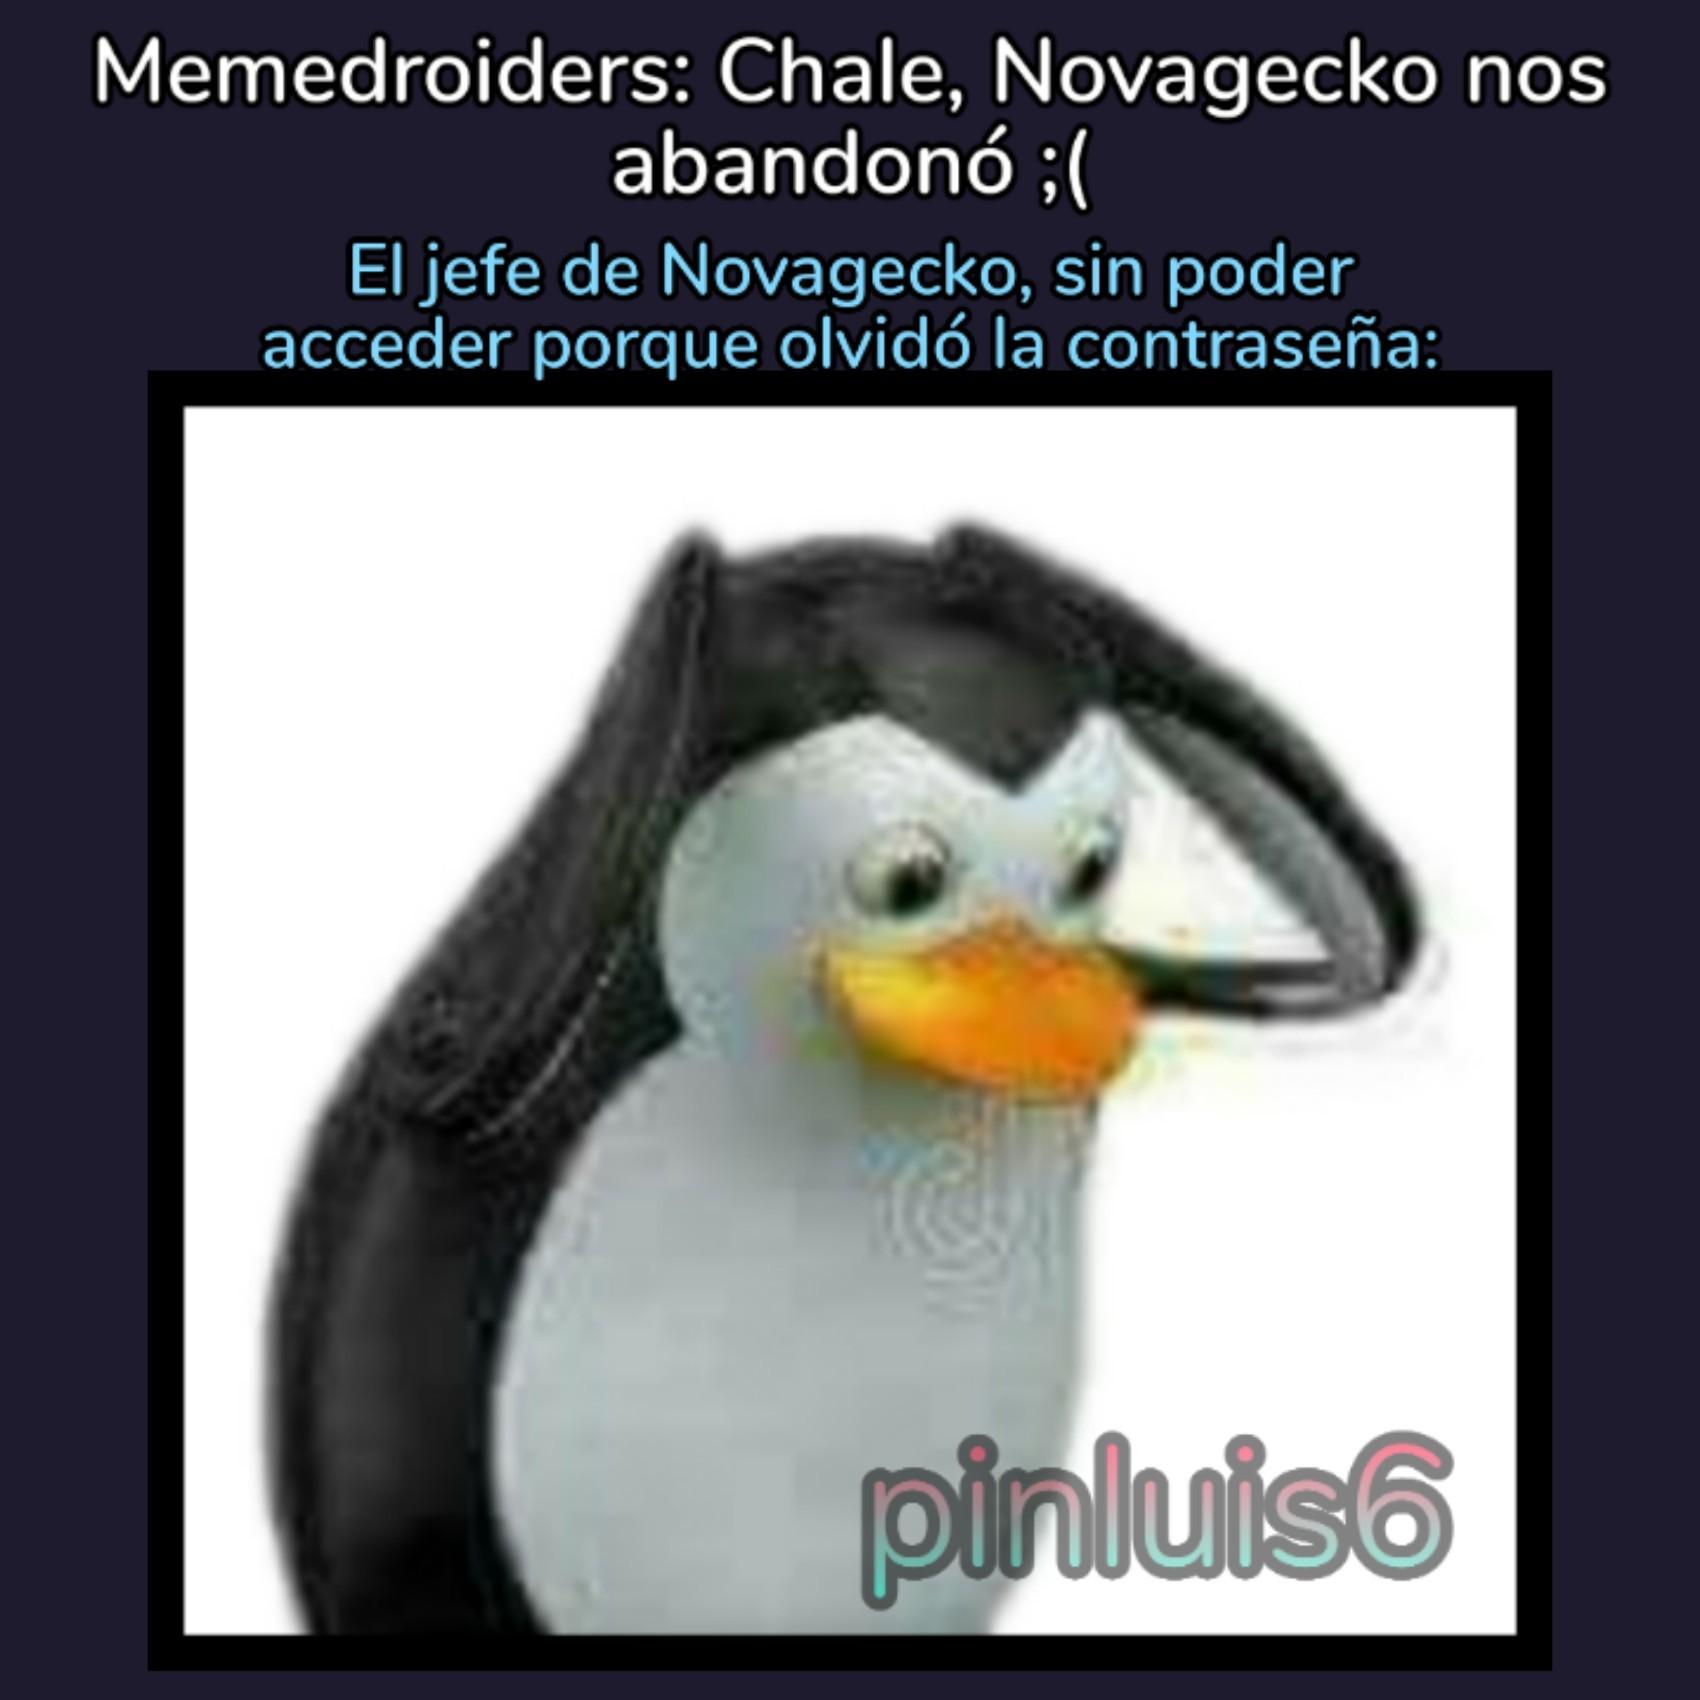 Era Novagecko01 o 01Novagecko? - meme